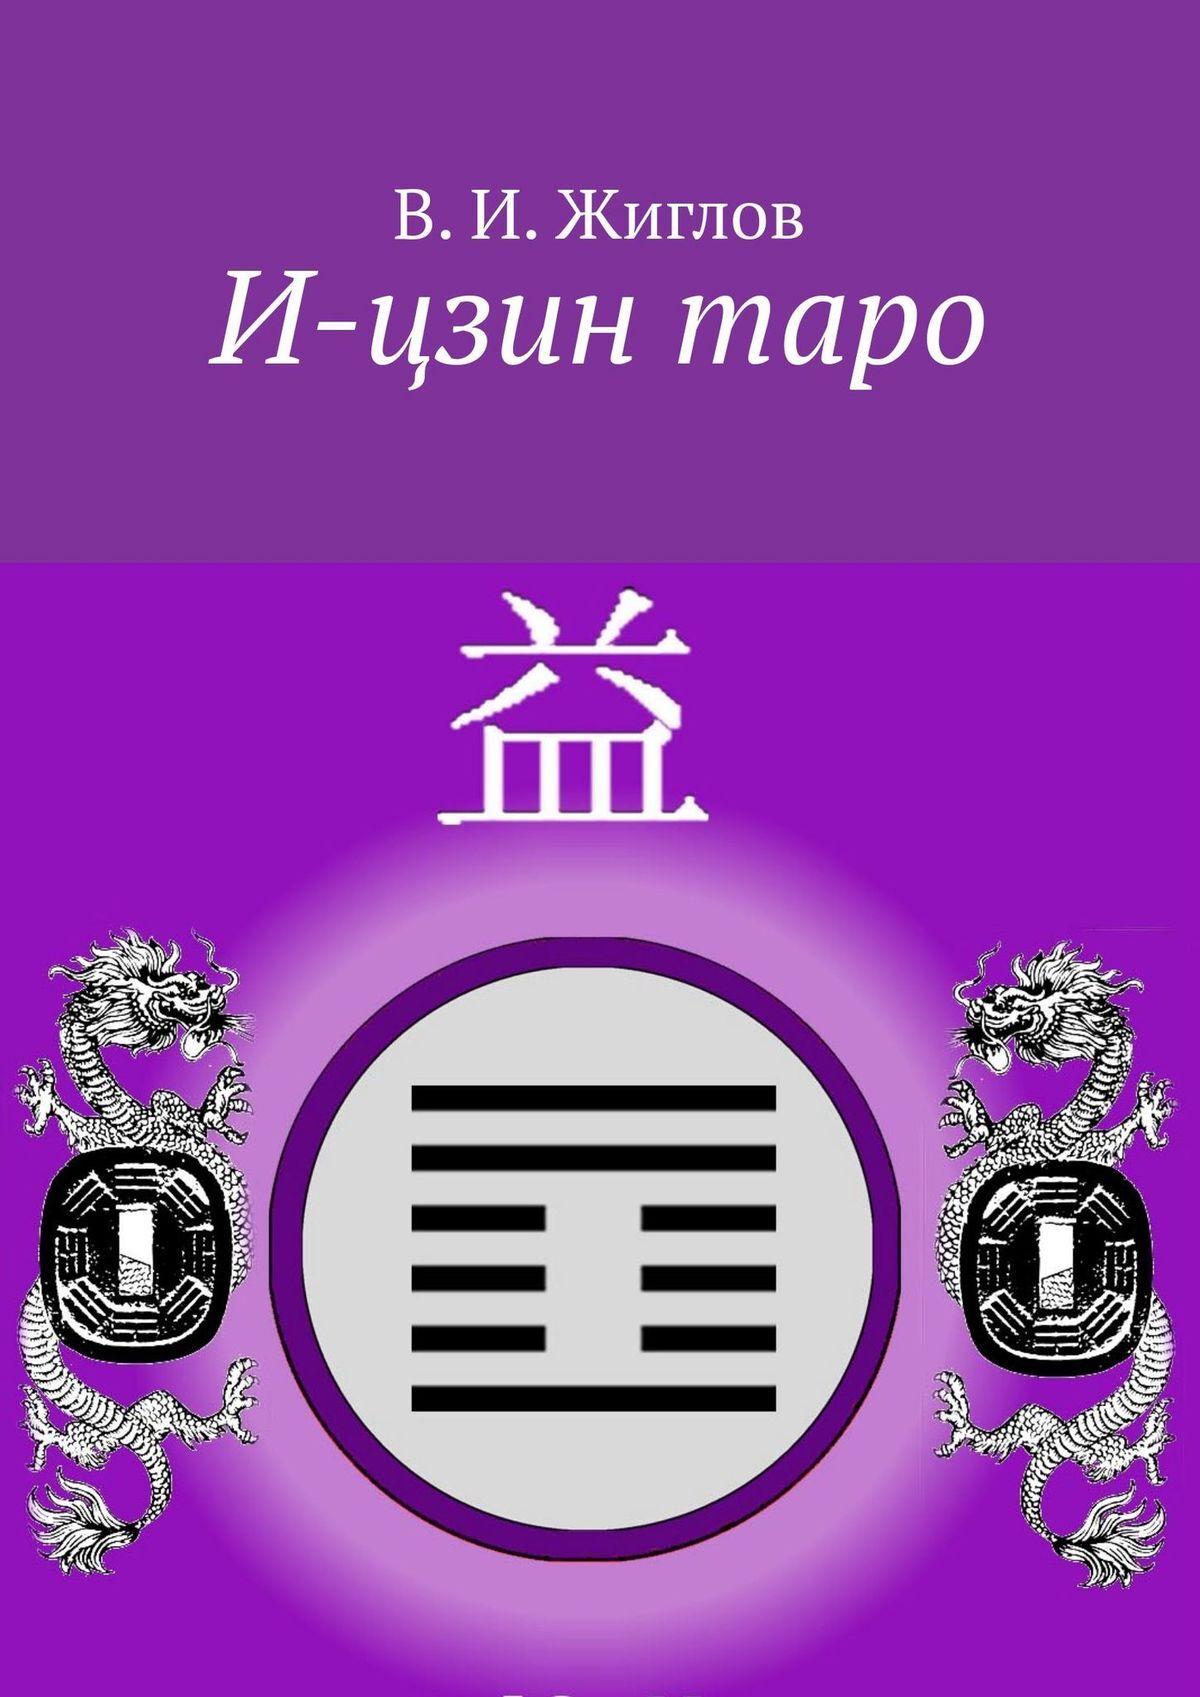 Фото - В. И. Жиглов И-цзинтаро я в татаринов лекции по классической динамике